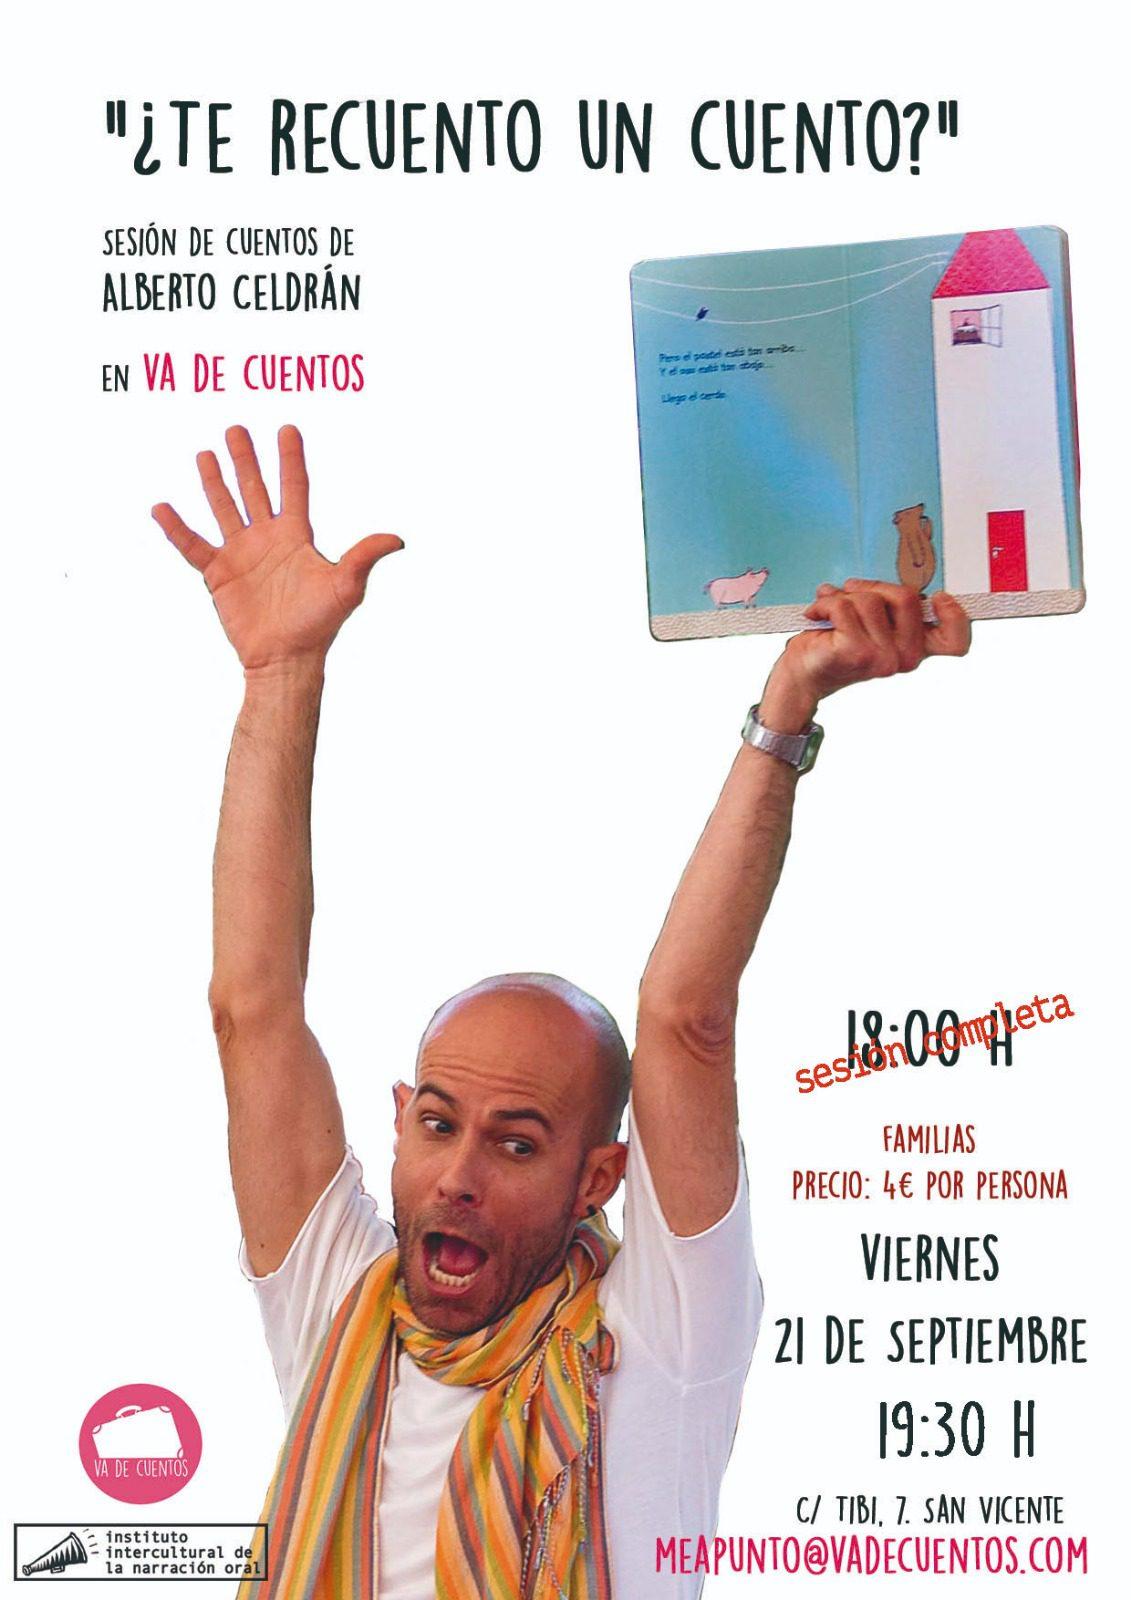 Cuentacuentos en Alicante con Alberto Celdrán